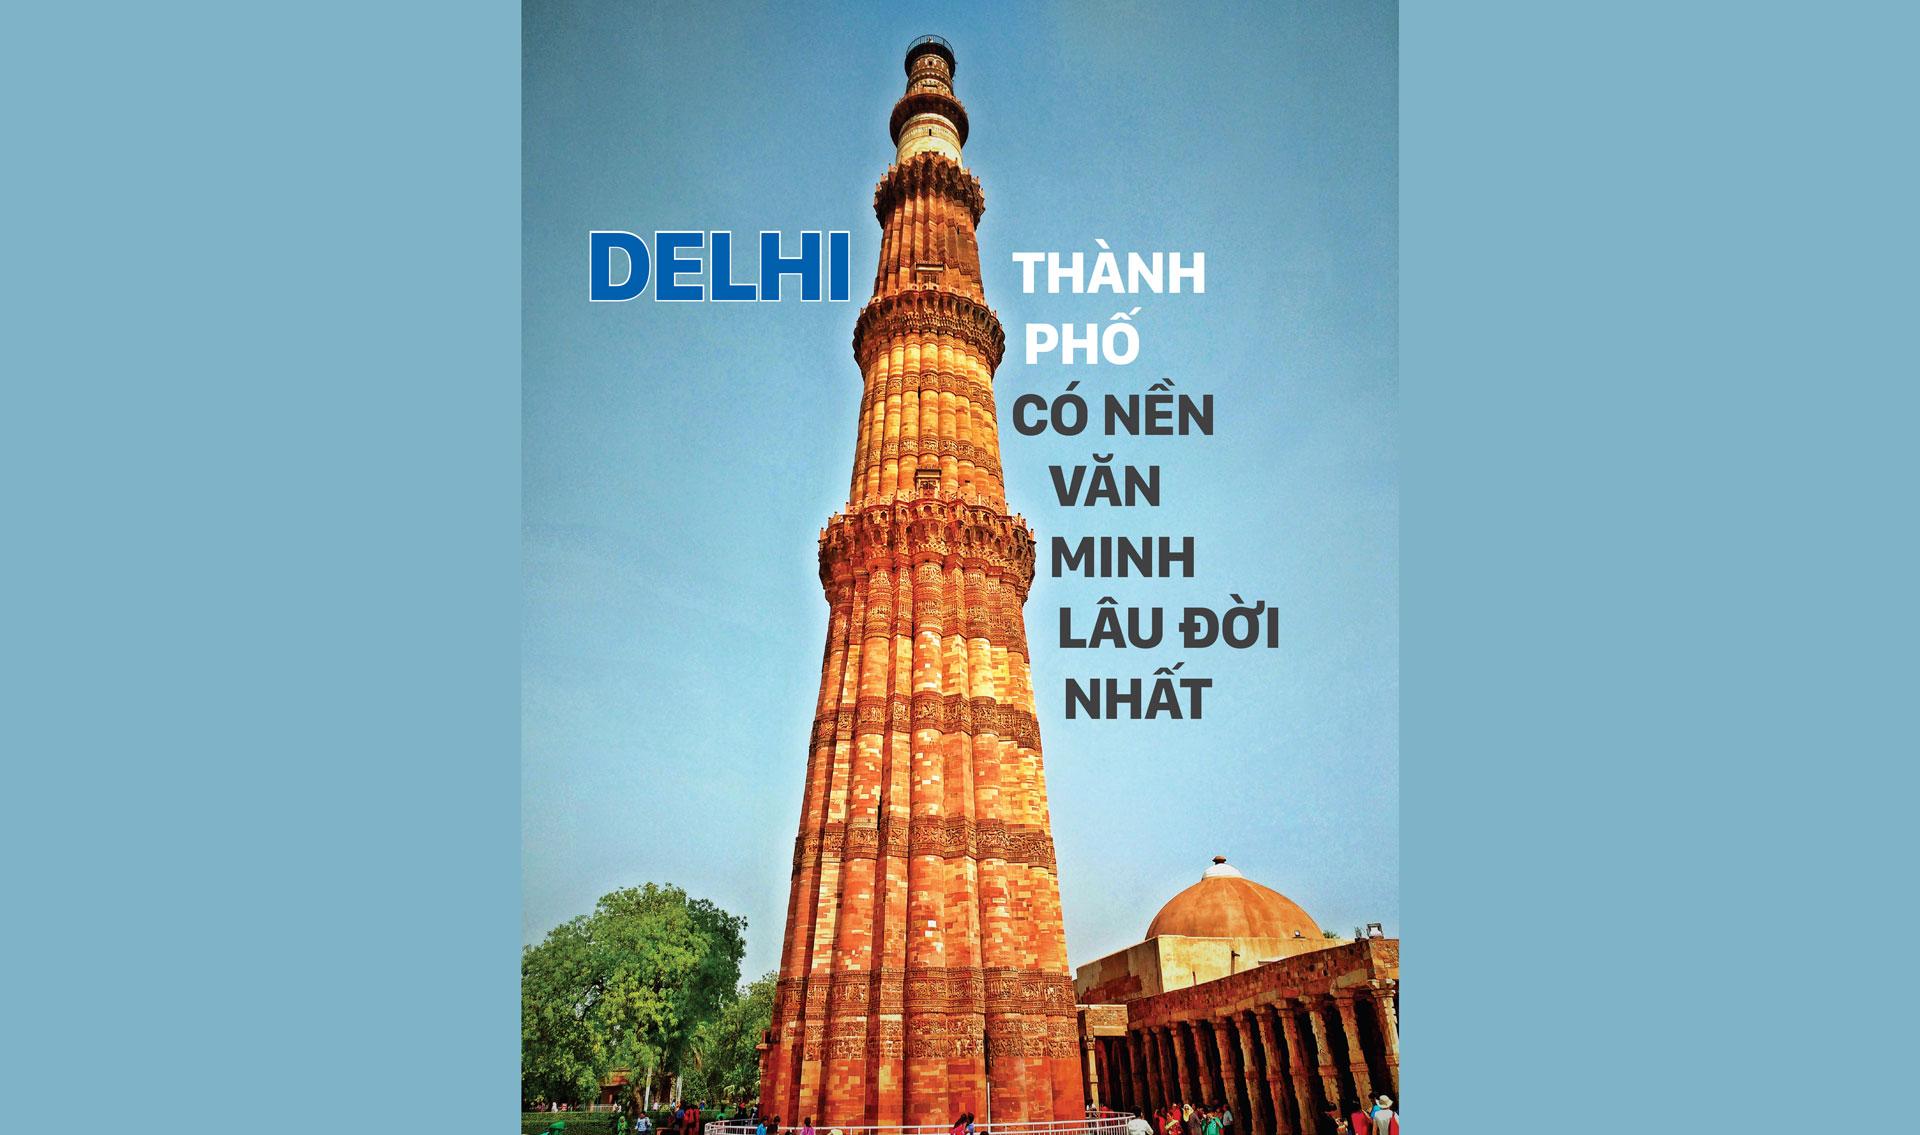 DELHI - Thành phố  có nền  văn minh  lâu đời nhất